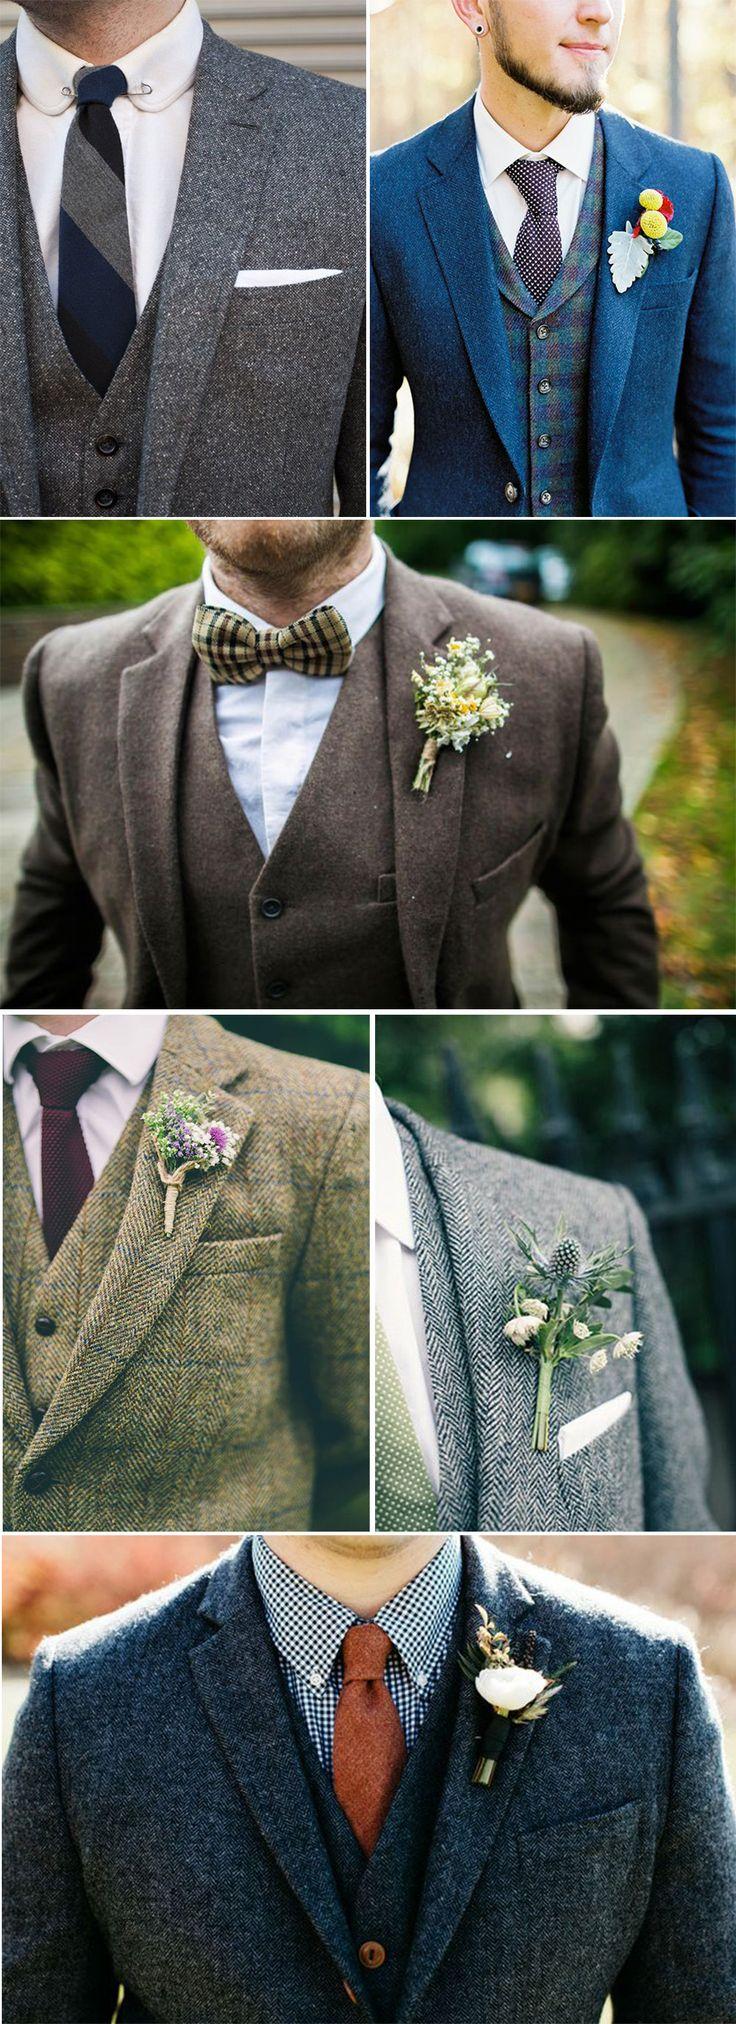 Grooms in tweed